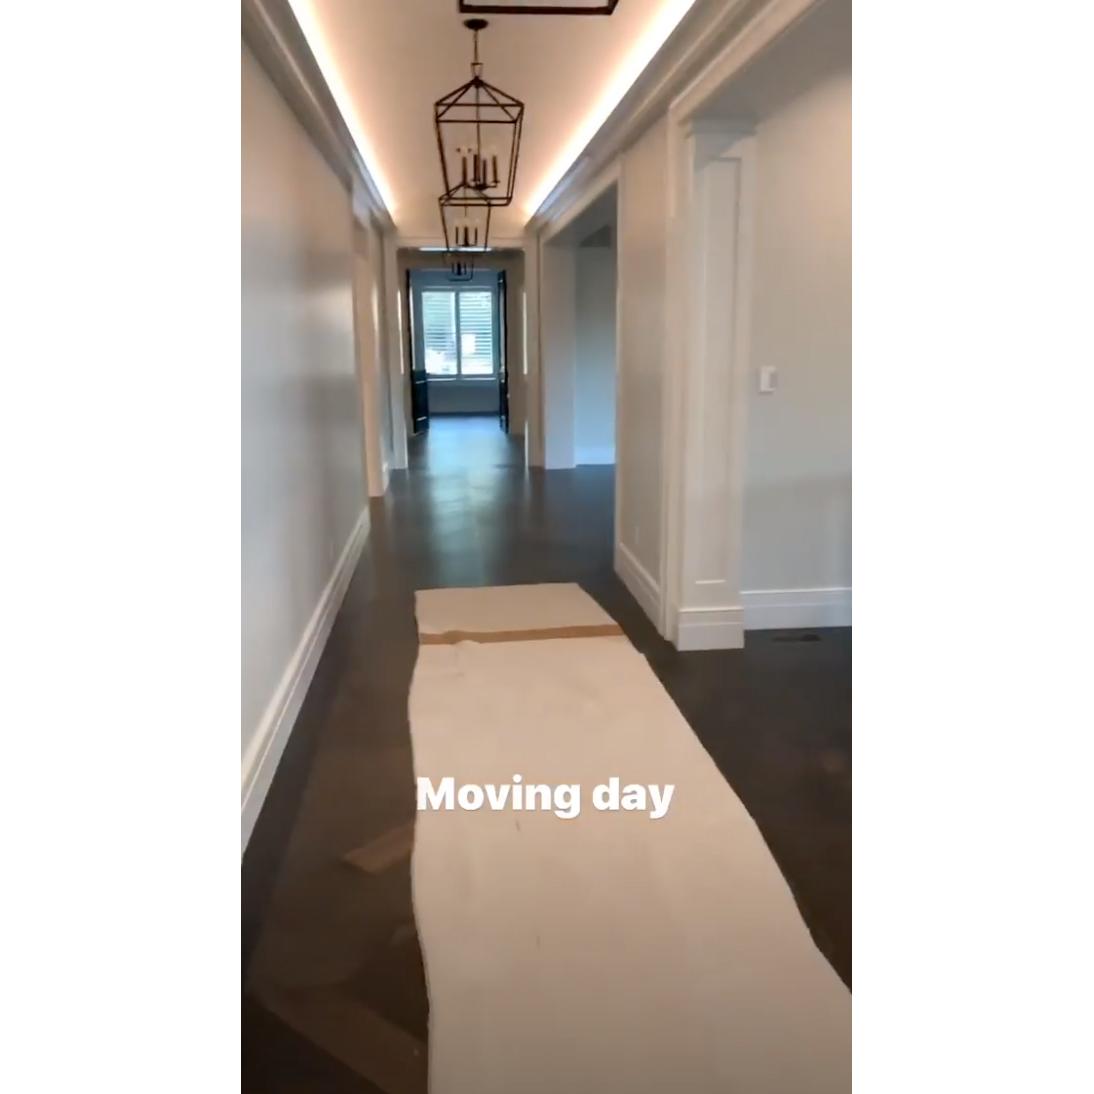 Jim-Edmonds-Moving-Day-2-Weeks-After-Meghan-King-Edmonds-Split-2